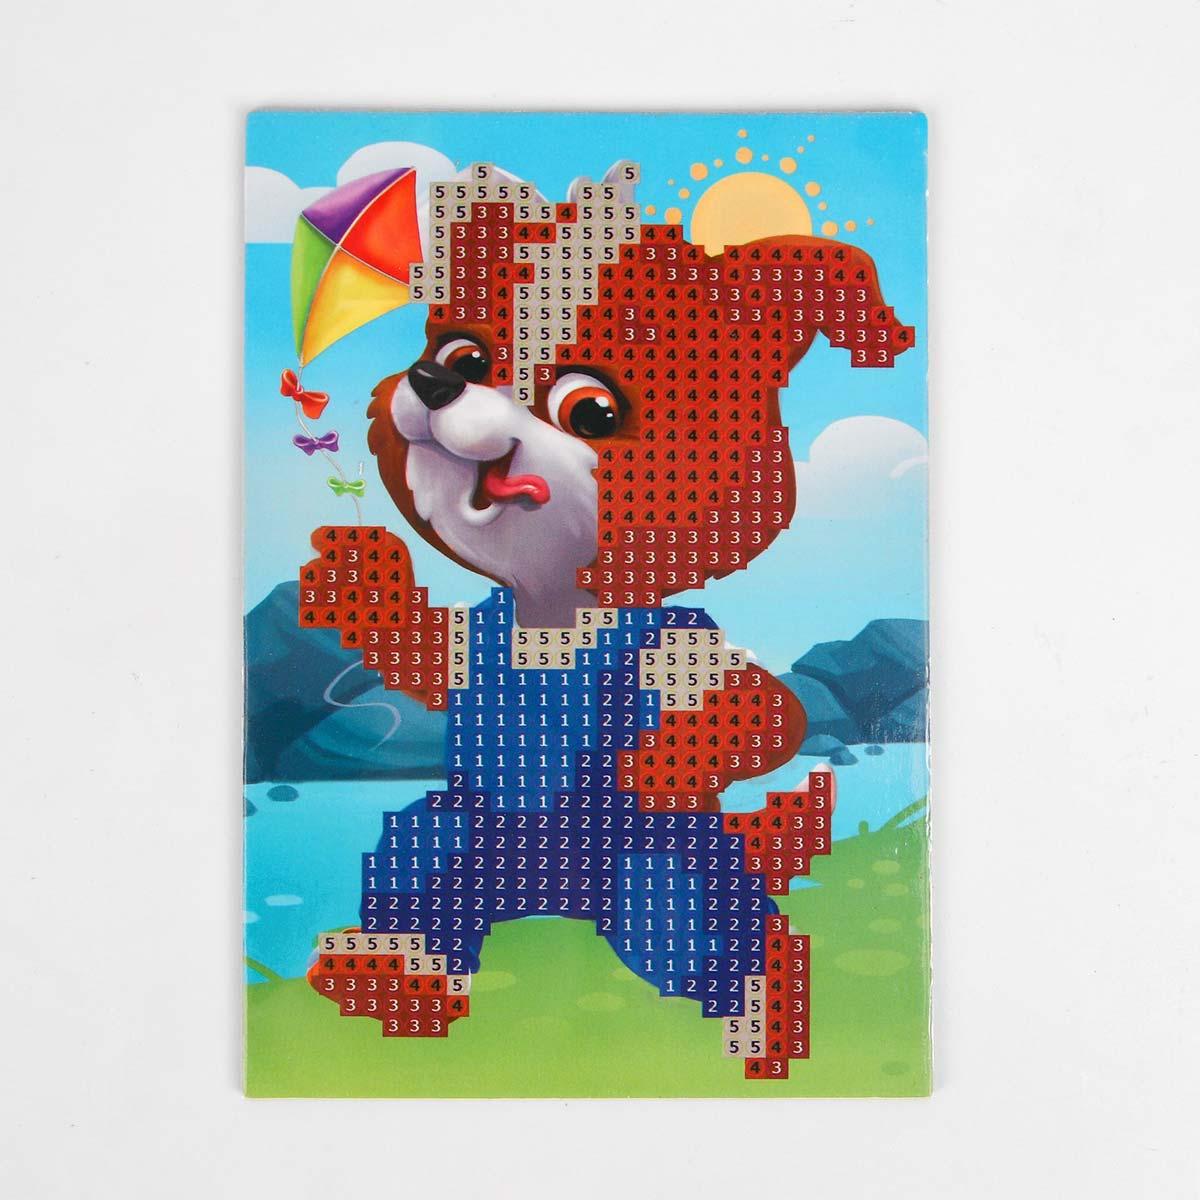 4702910 Алмазная мозаика для детей «Щенок с воздушным змеем», 10*15 см.